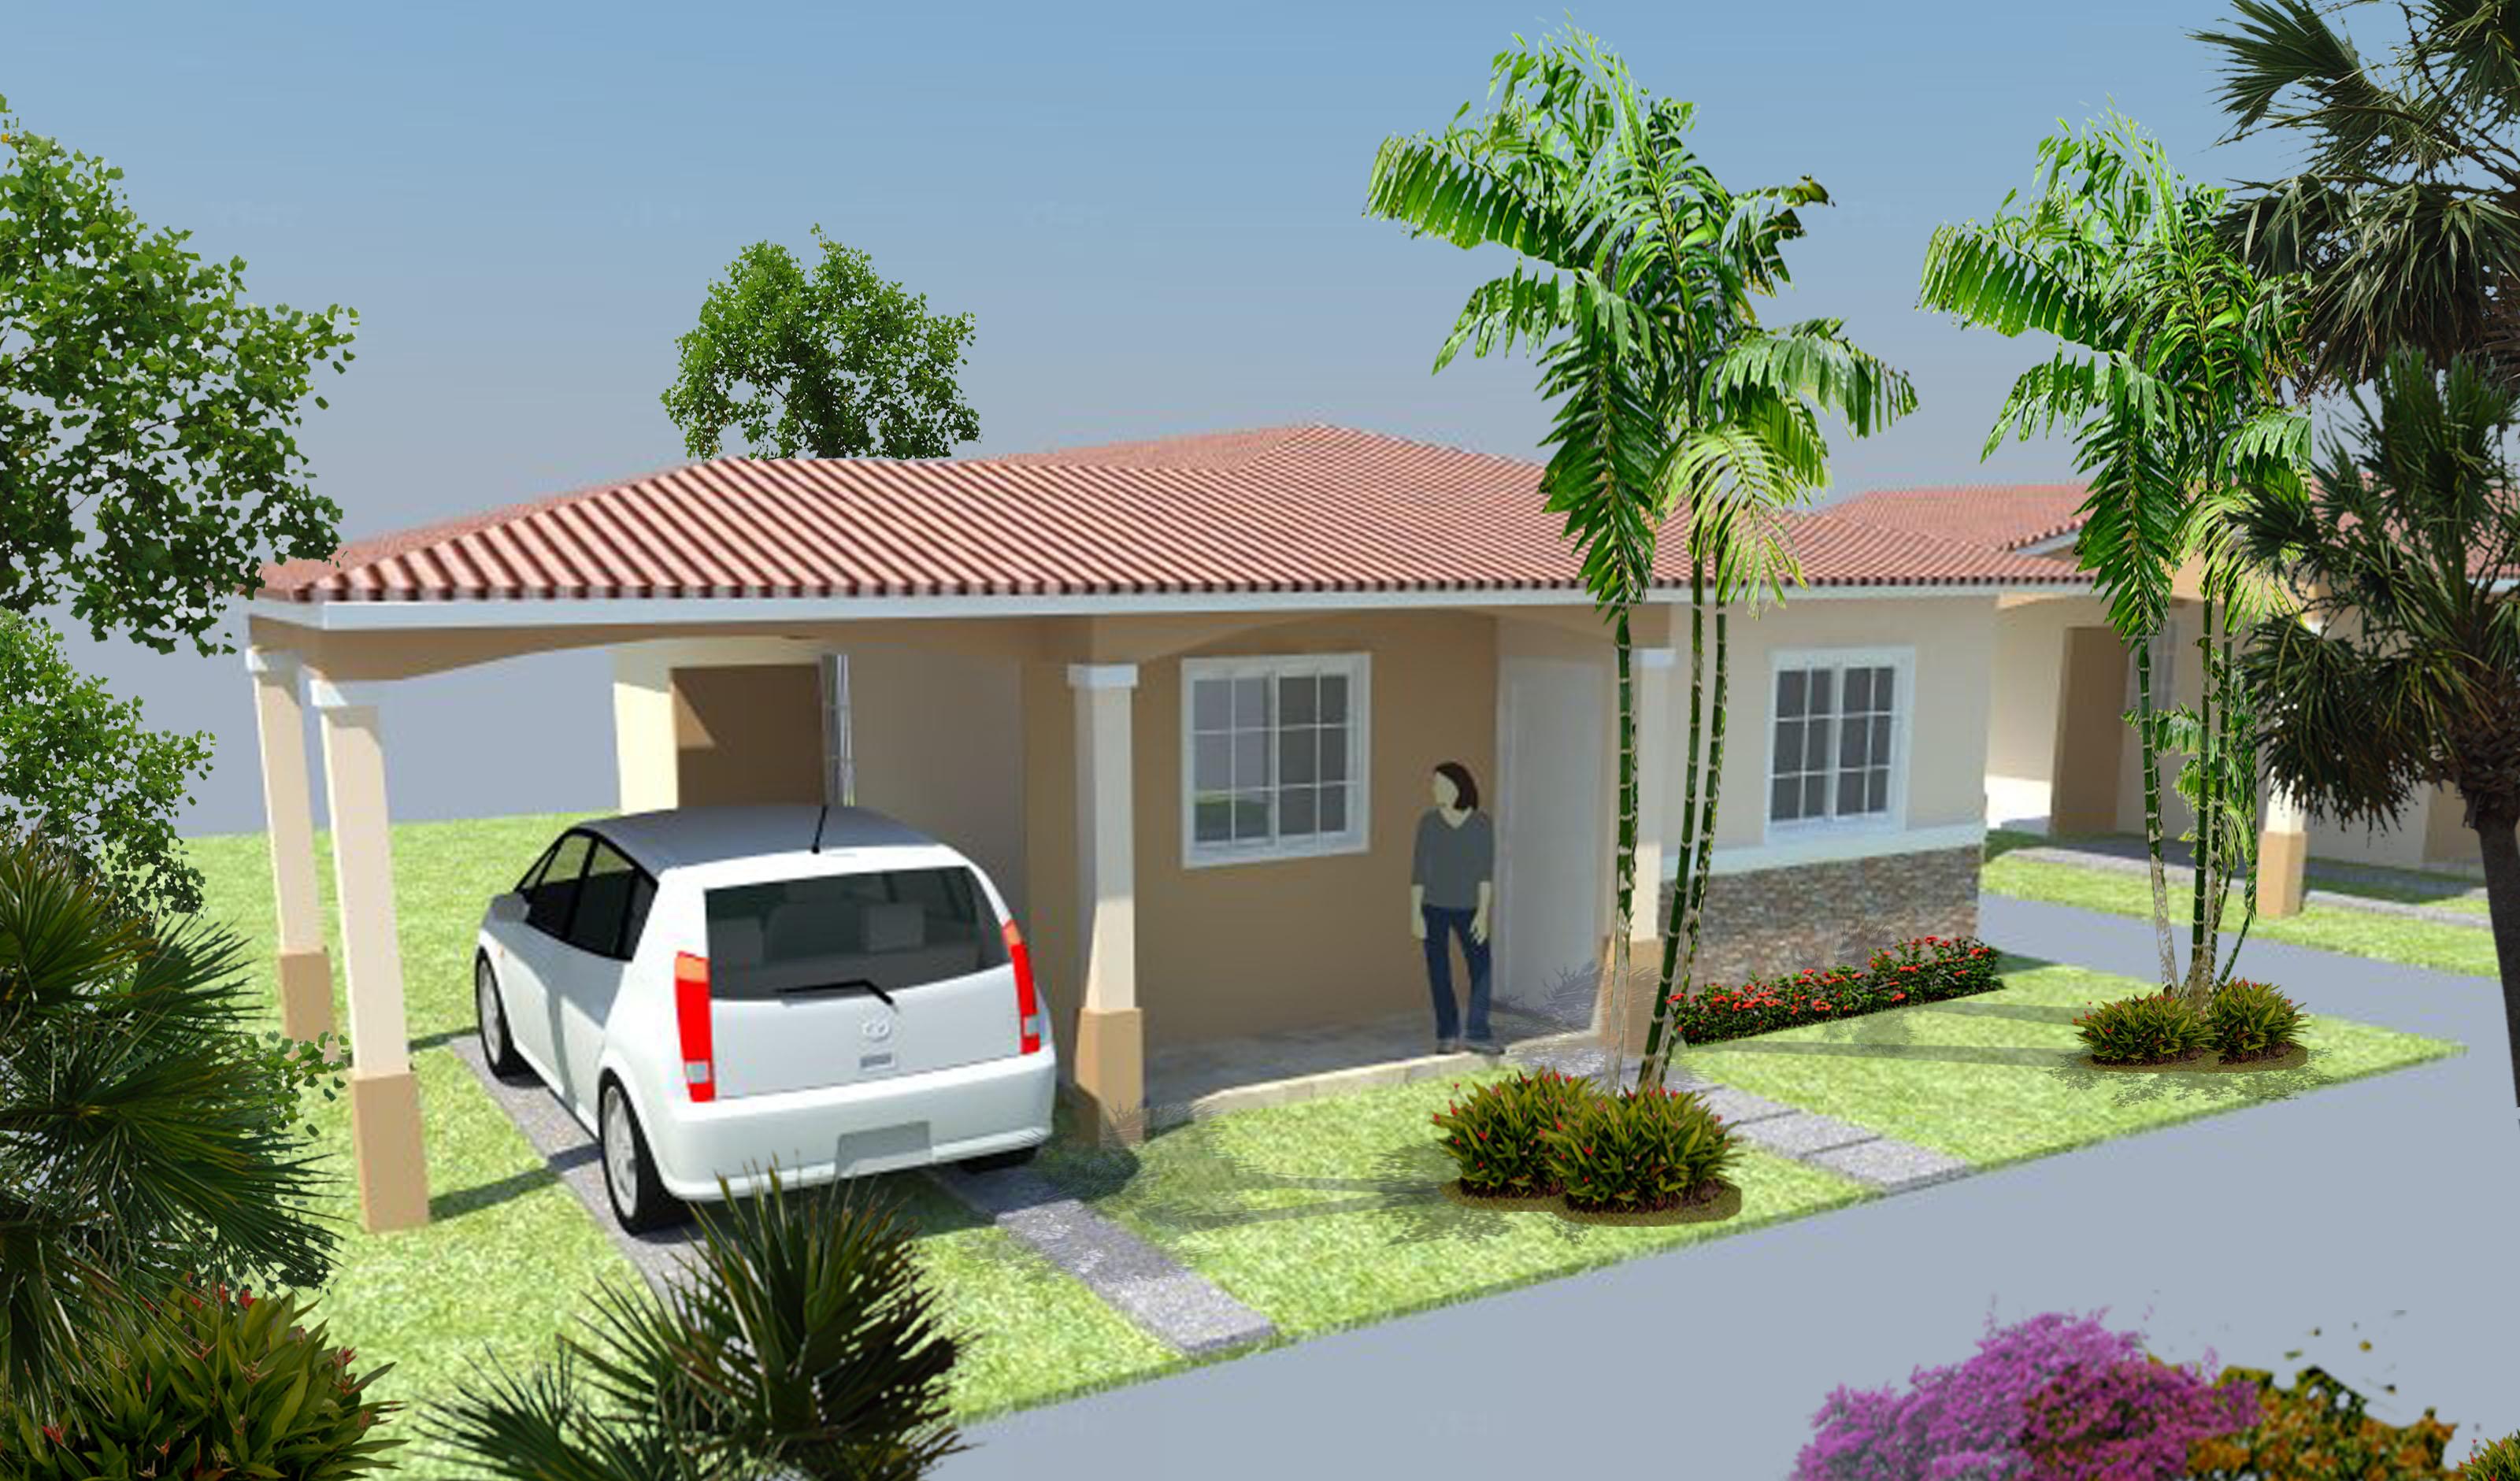 Casas nuevas proyecto luces del alba p20122 inmopanama - Proyectos casas nuevas ...